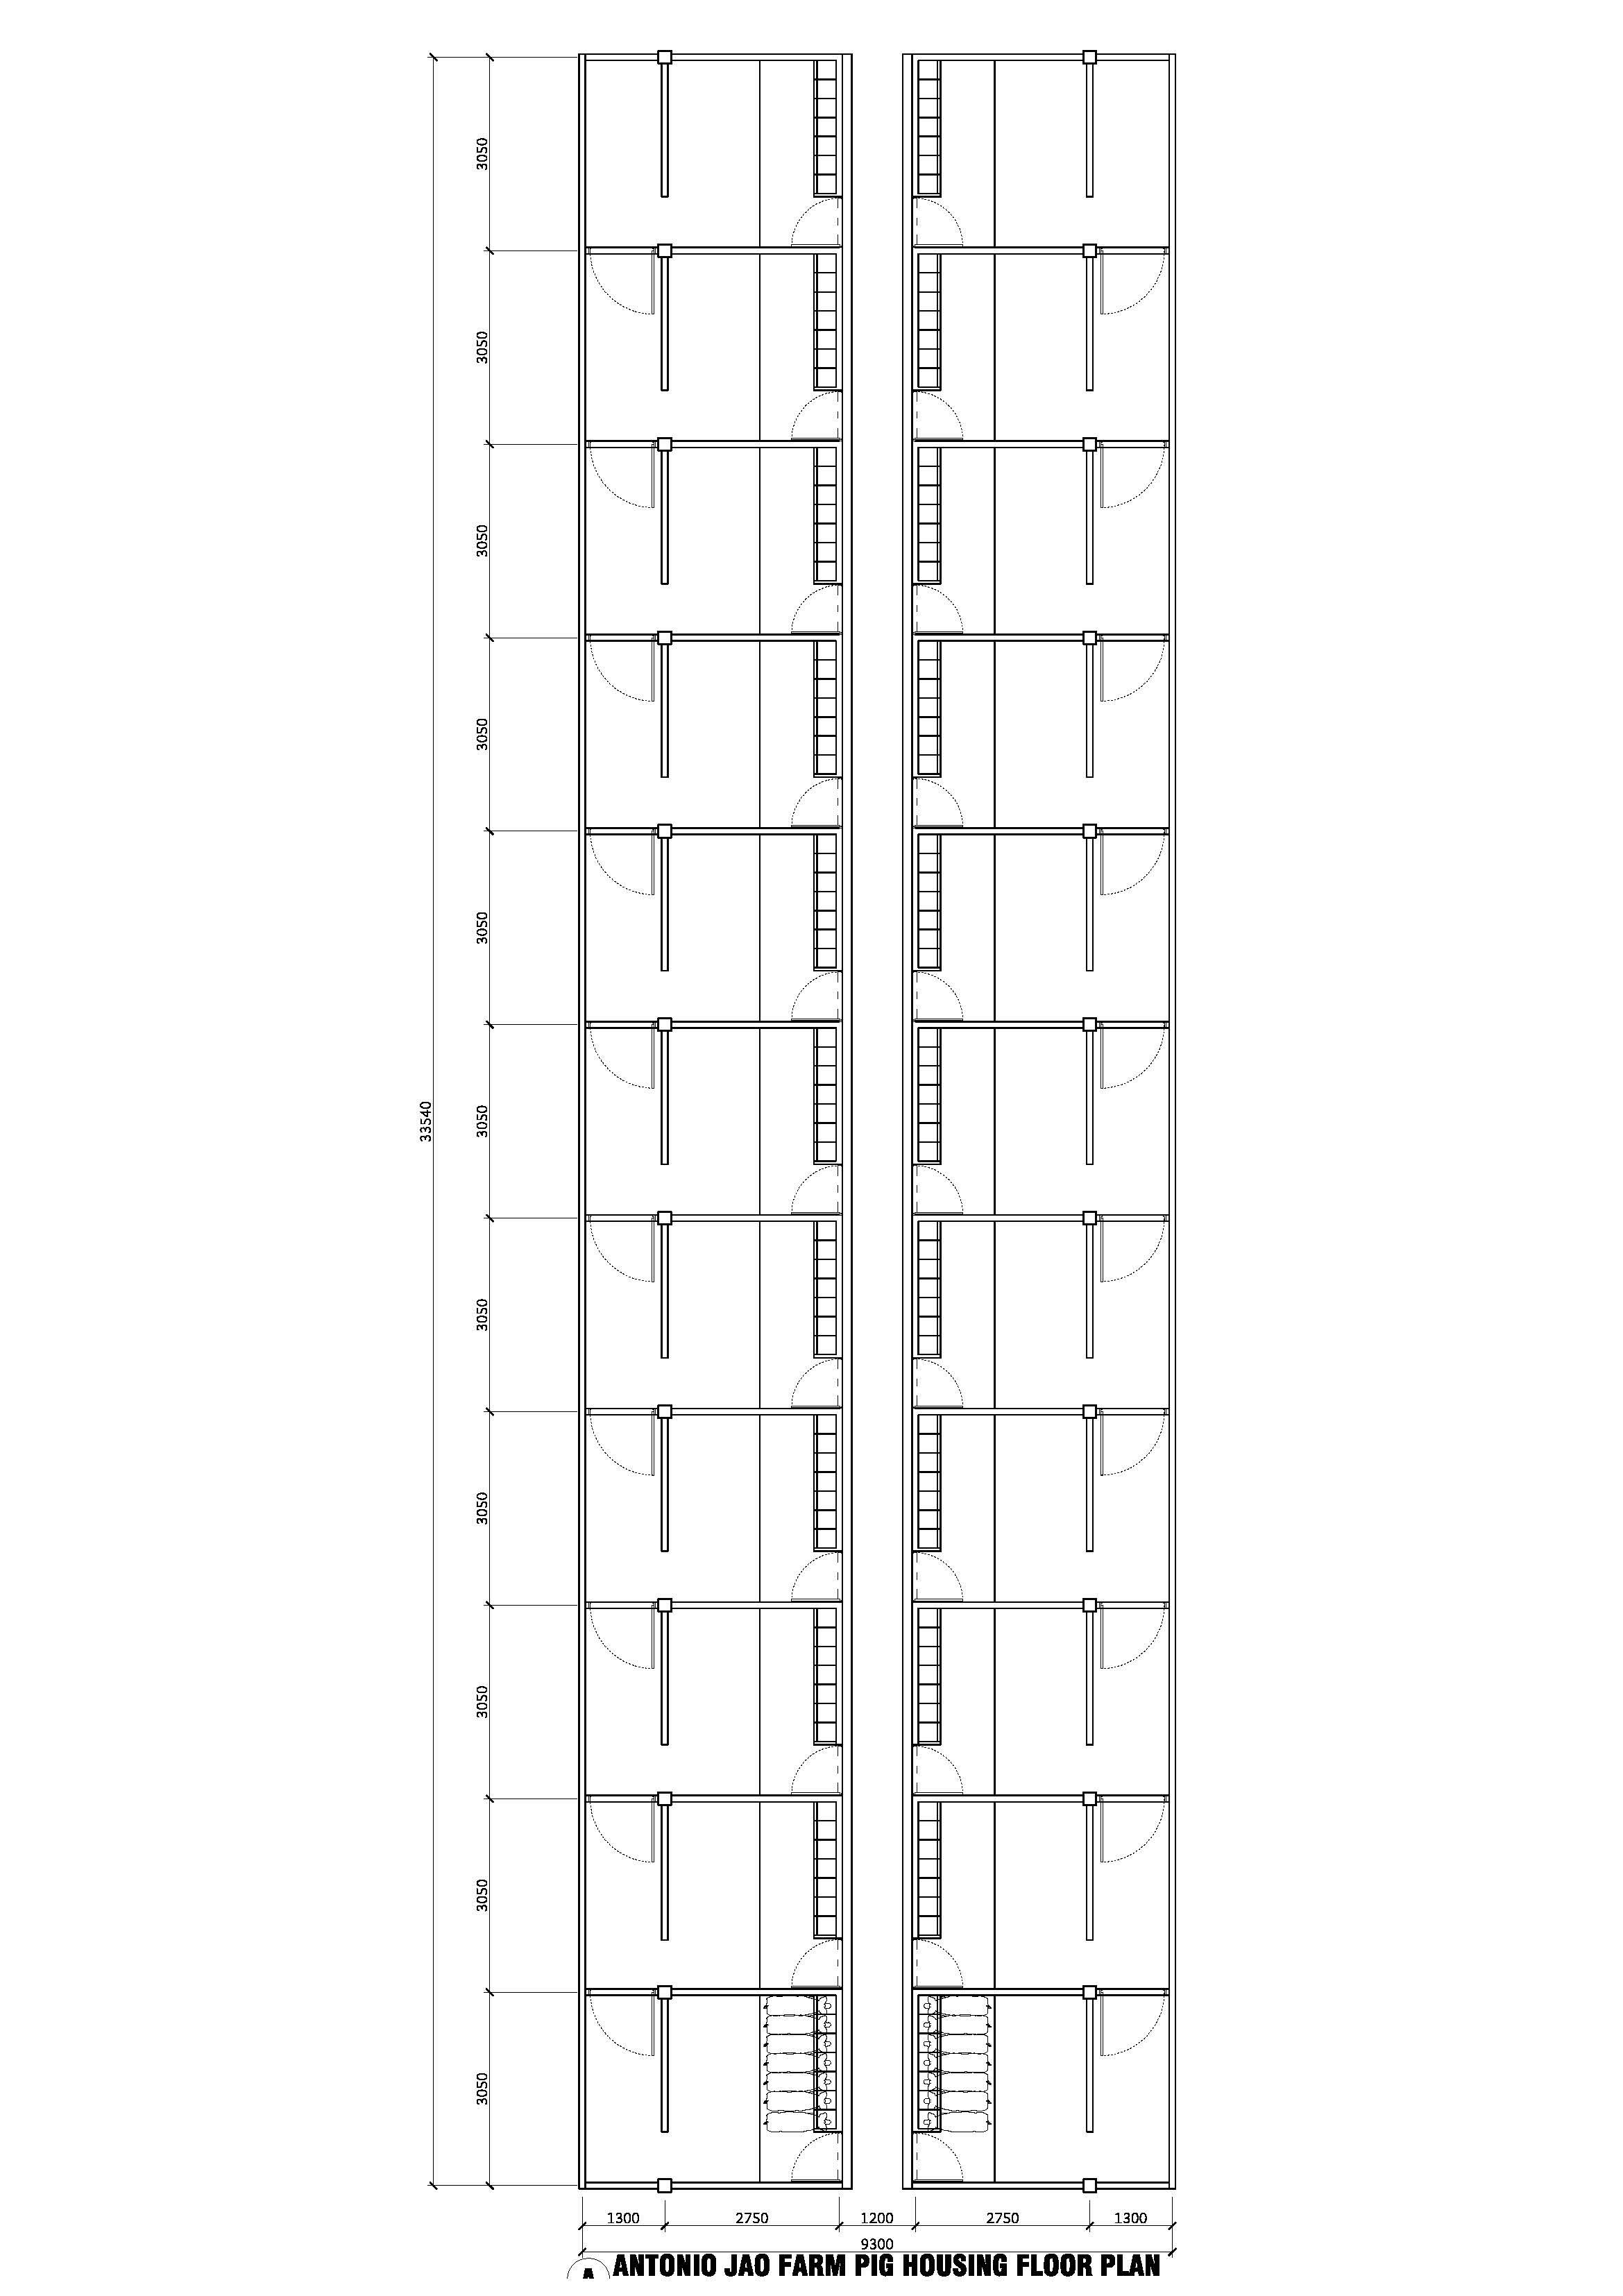 Backyard Piggery Design (Modular) (Page 1) — Swine